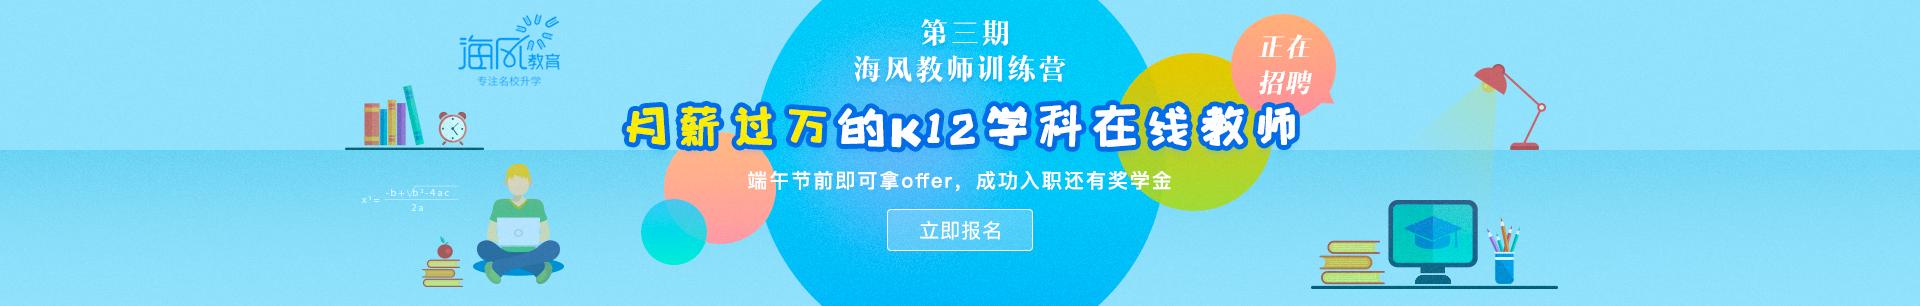 K12学科教师热招